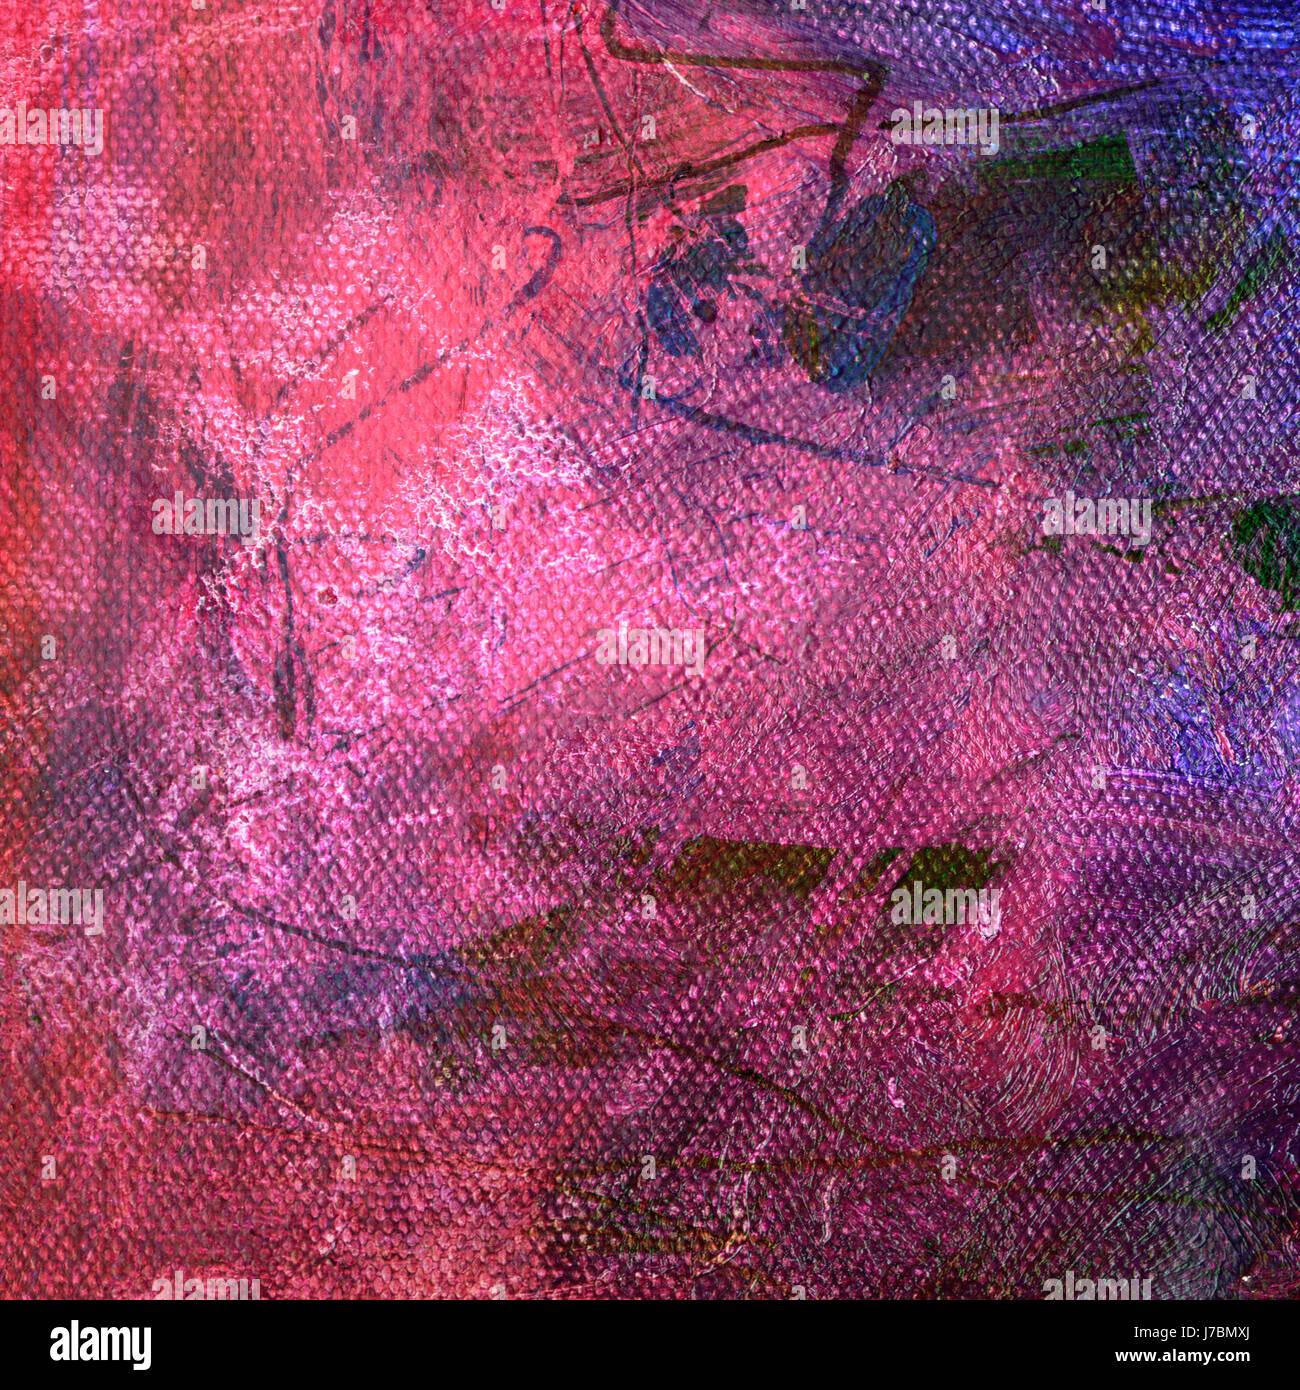 Les Couleurs De L Ecran Couleur Peinture Abstraite Toile Fond Couleurs Peintures Photo Stock Alamy